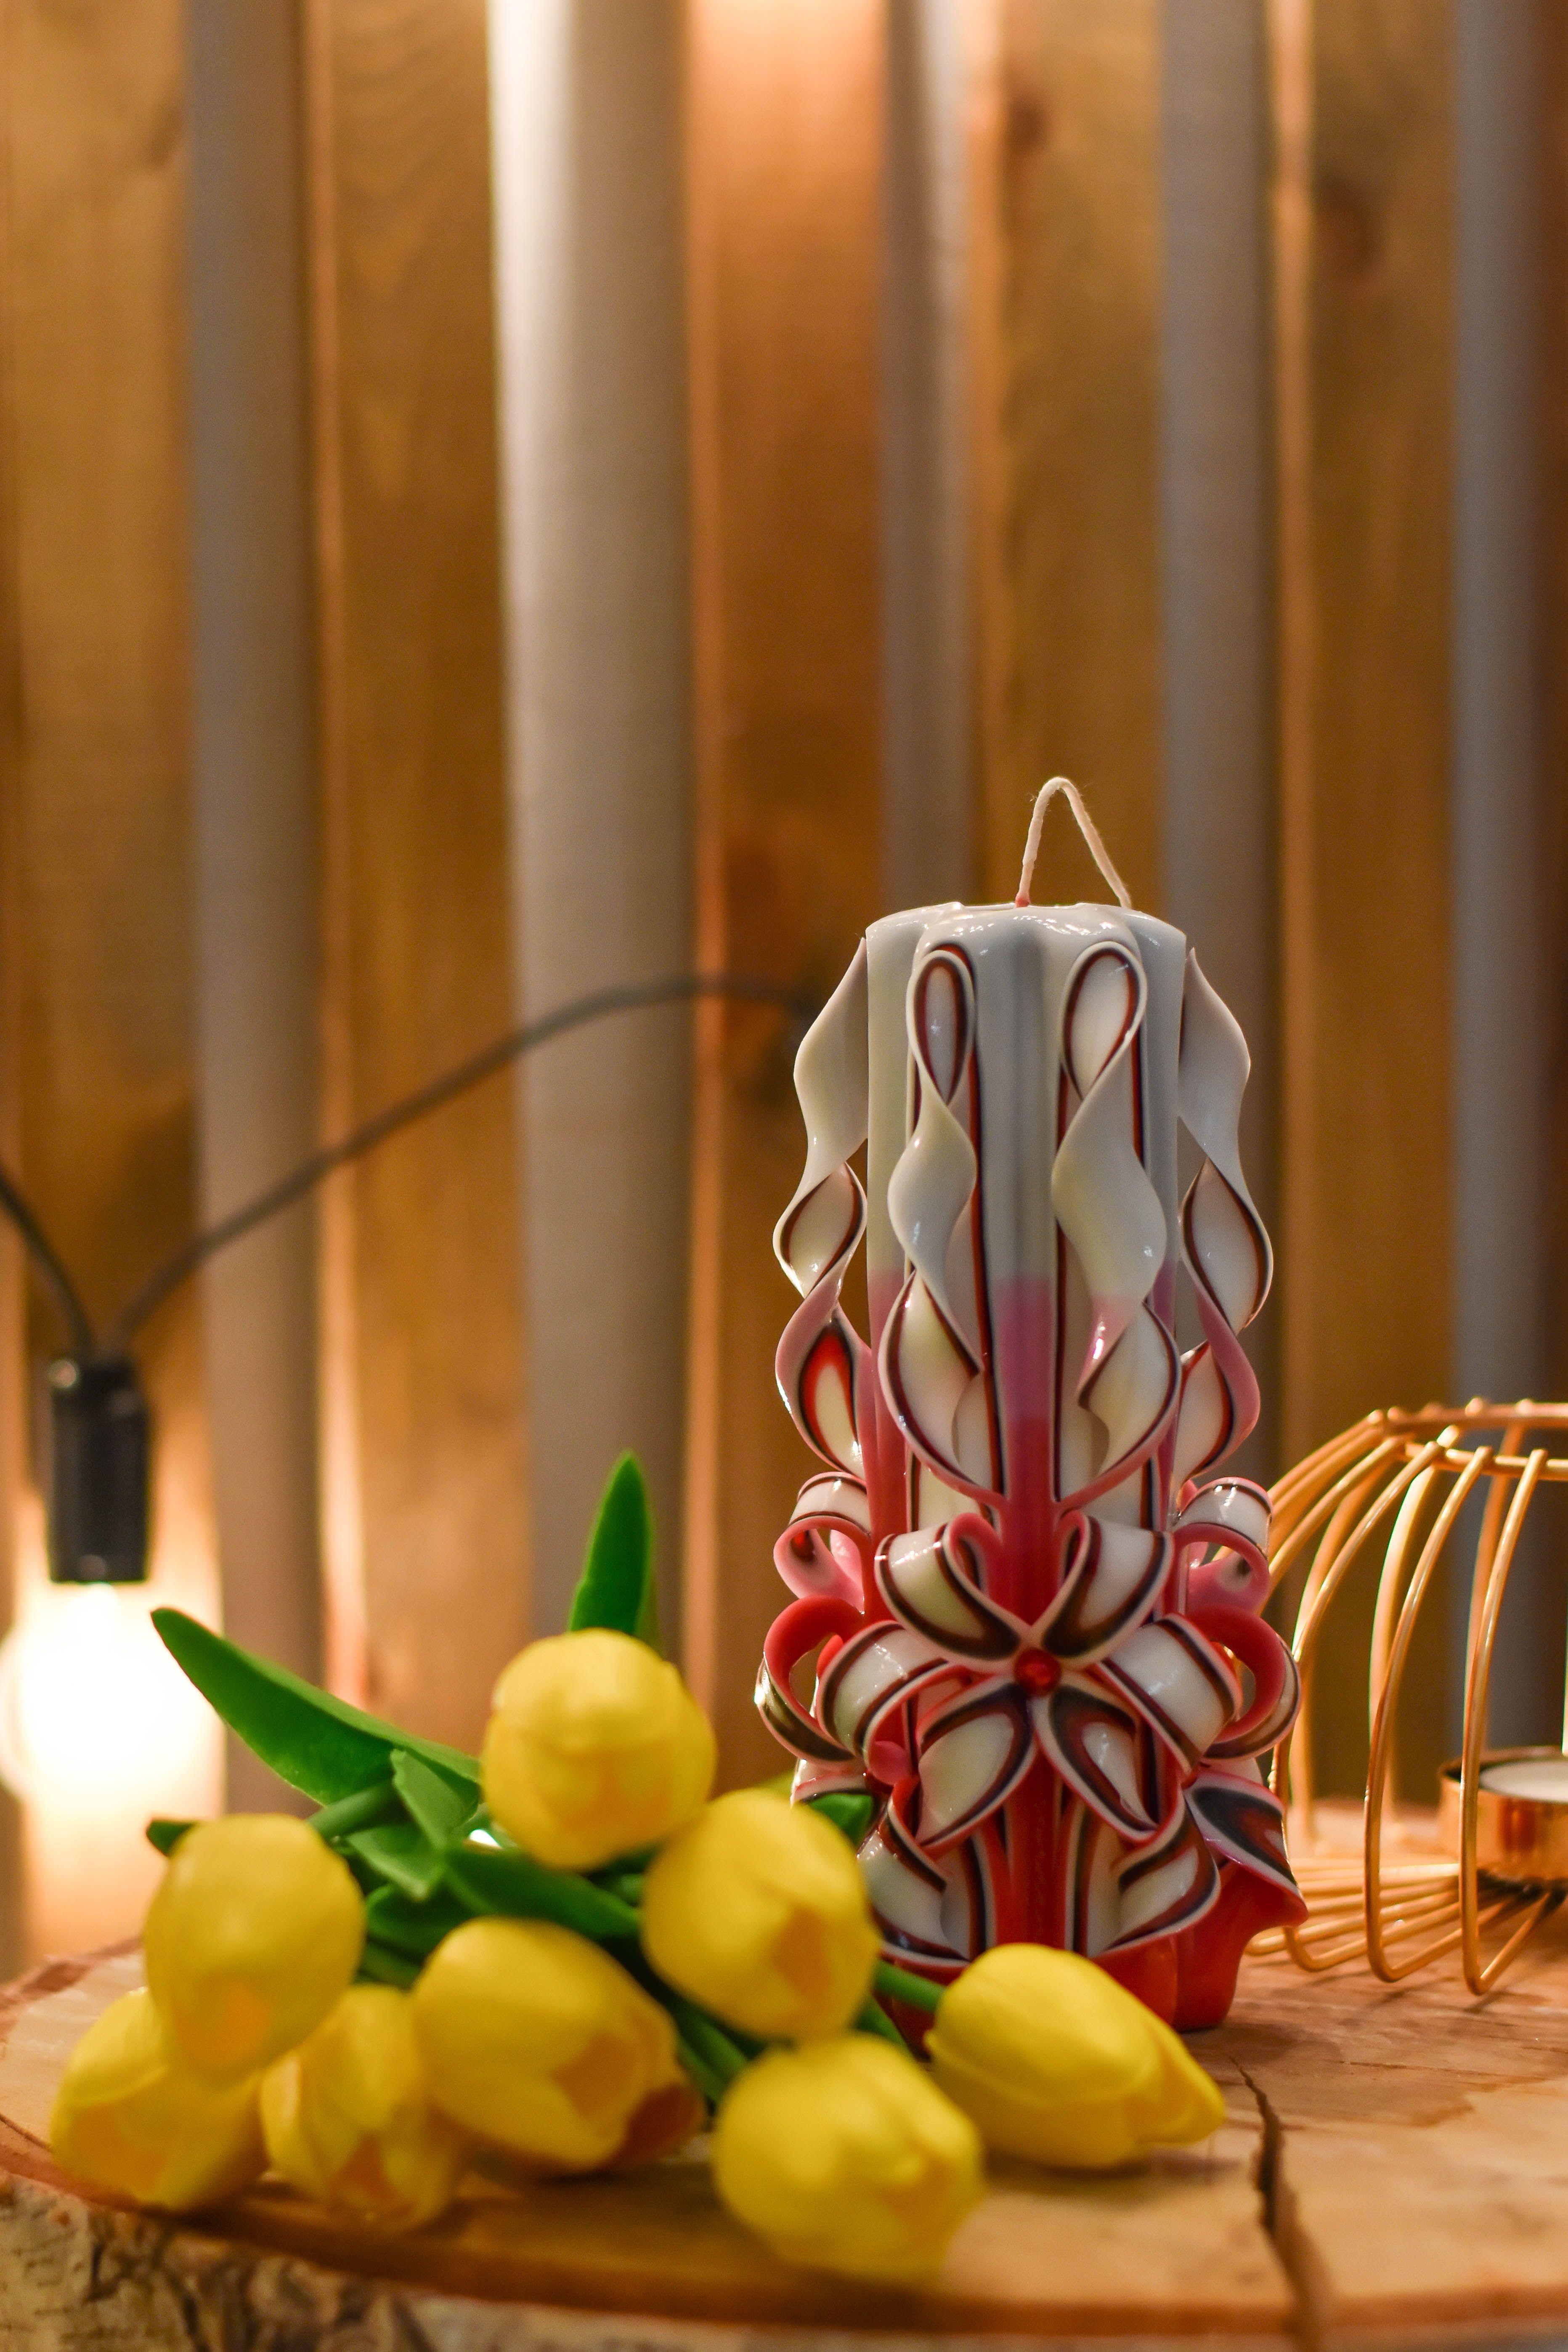 годовщина 8марта свеча подарок резныесвечи длядома свечи деньрожденья новыйгод украшение рождество праздник уют красивыесвечи свечиназаказ